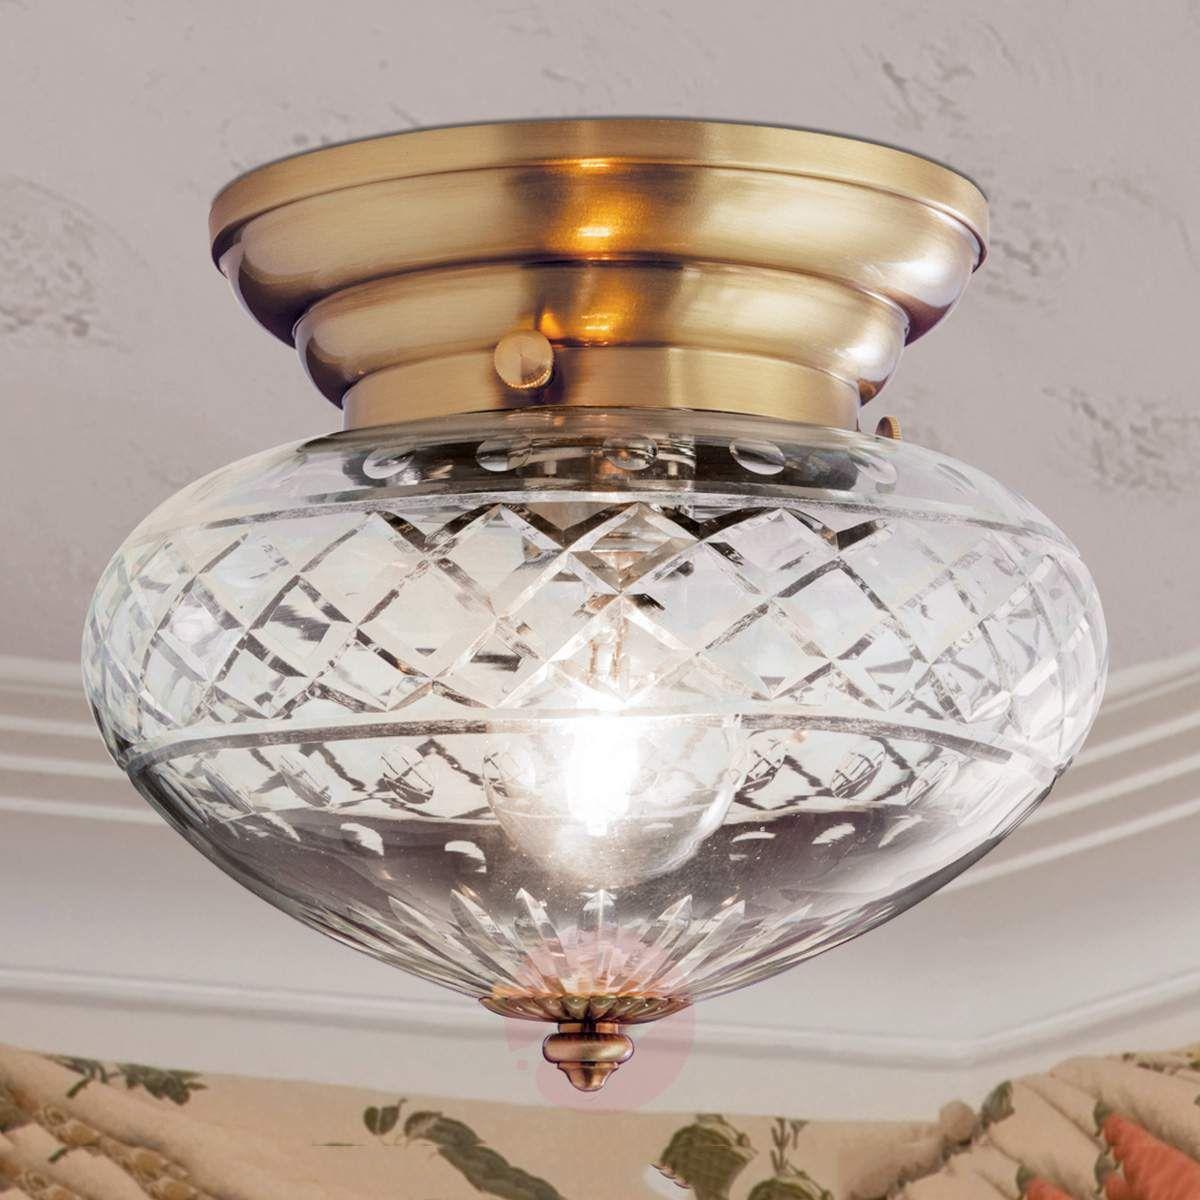 Pękata Lampa Sufitowa Enna 1 Punktowa W 2019 Lampy